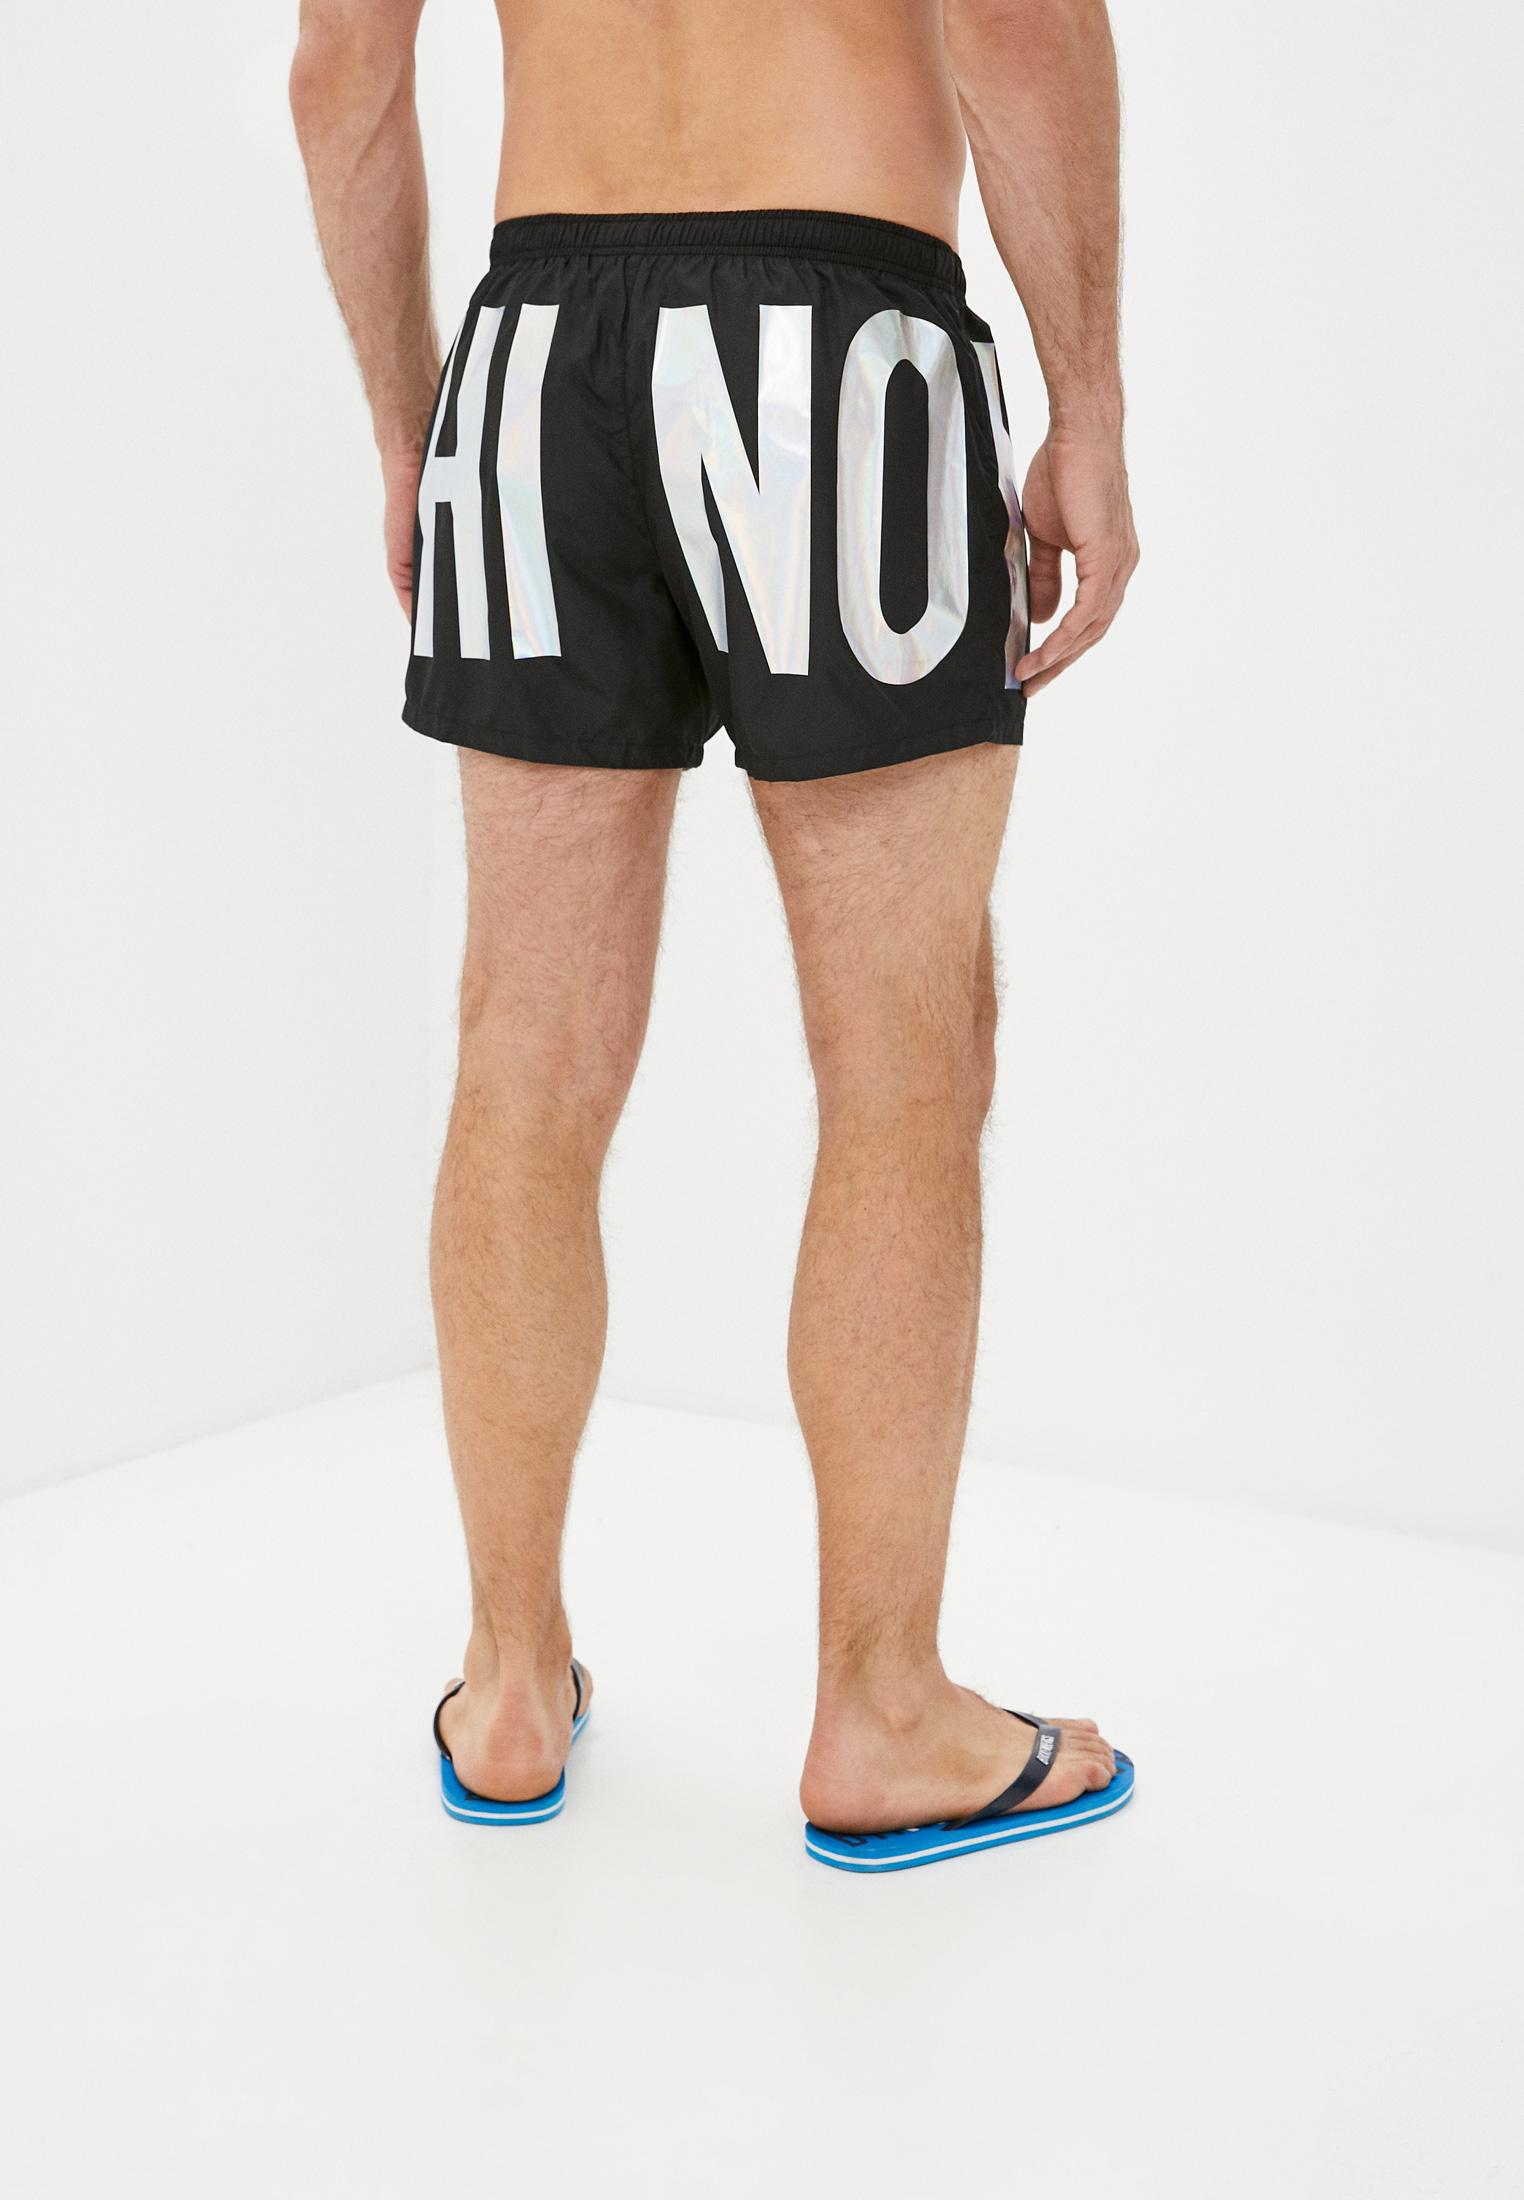 Мужские шорты для плавания Moschino swim 6122 5989: изображение 3